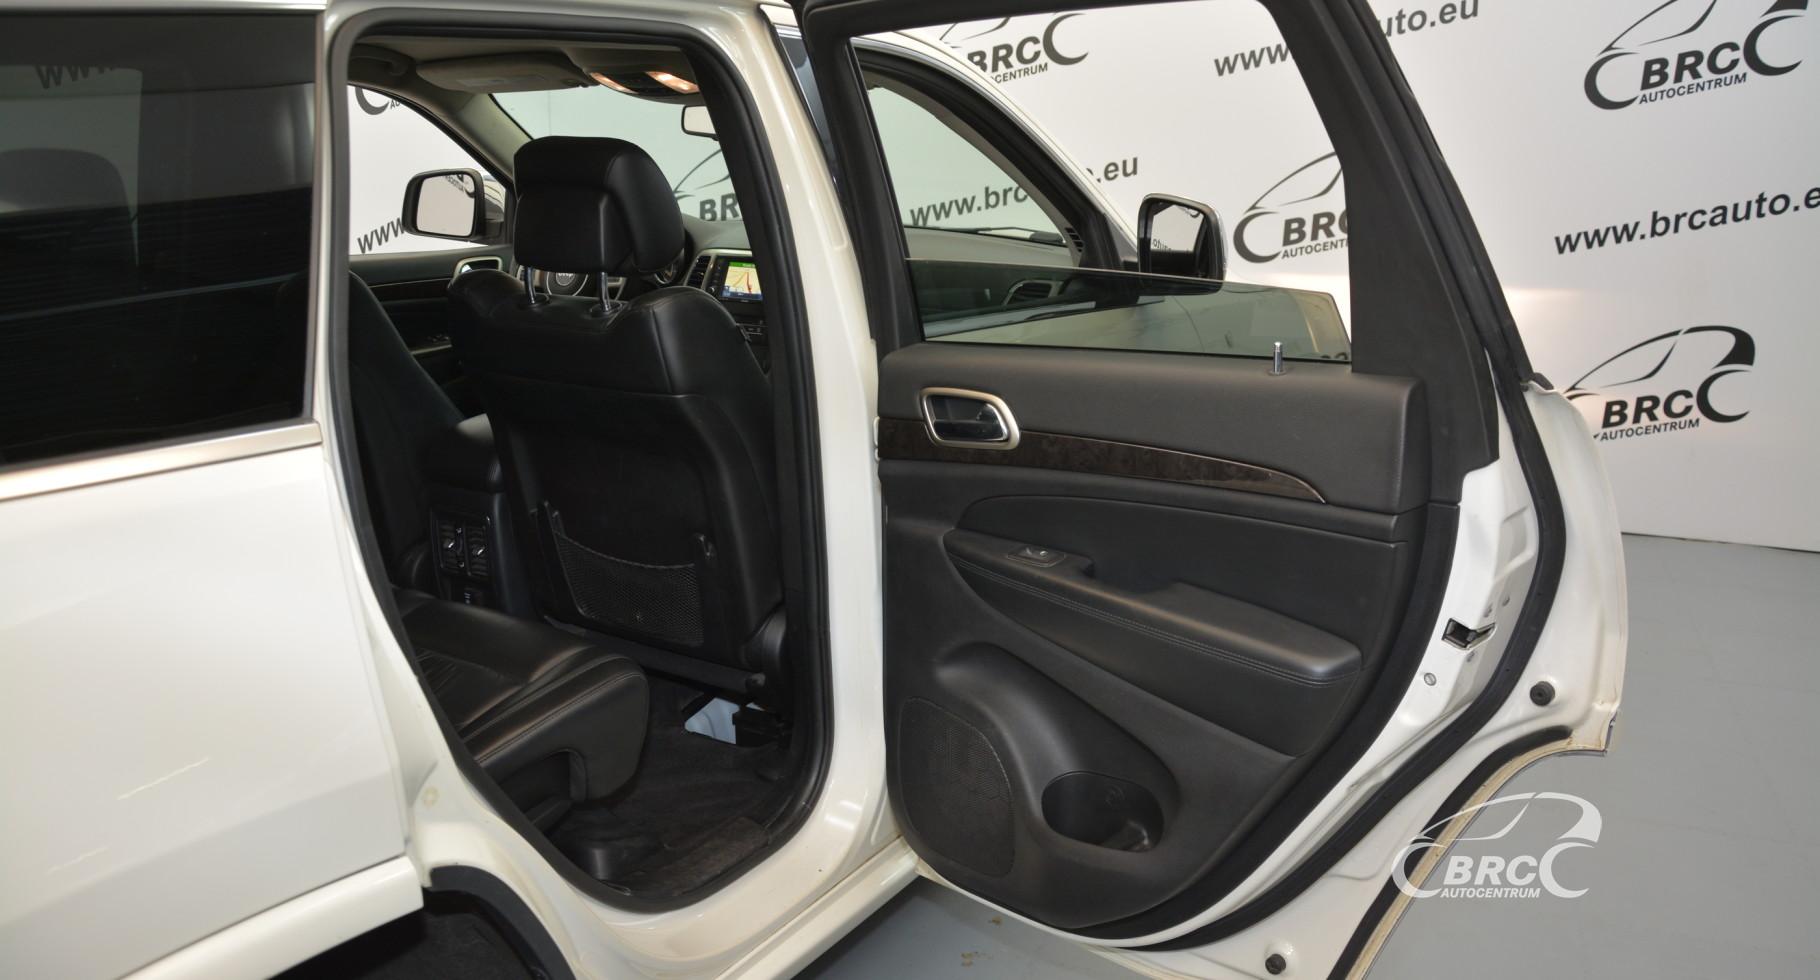 Jeep Grand Cherokee 5.7 HEMI Automatas